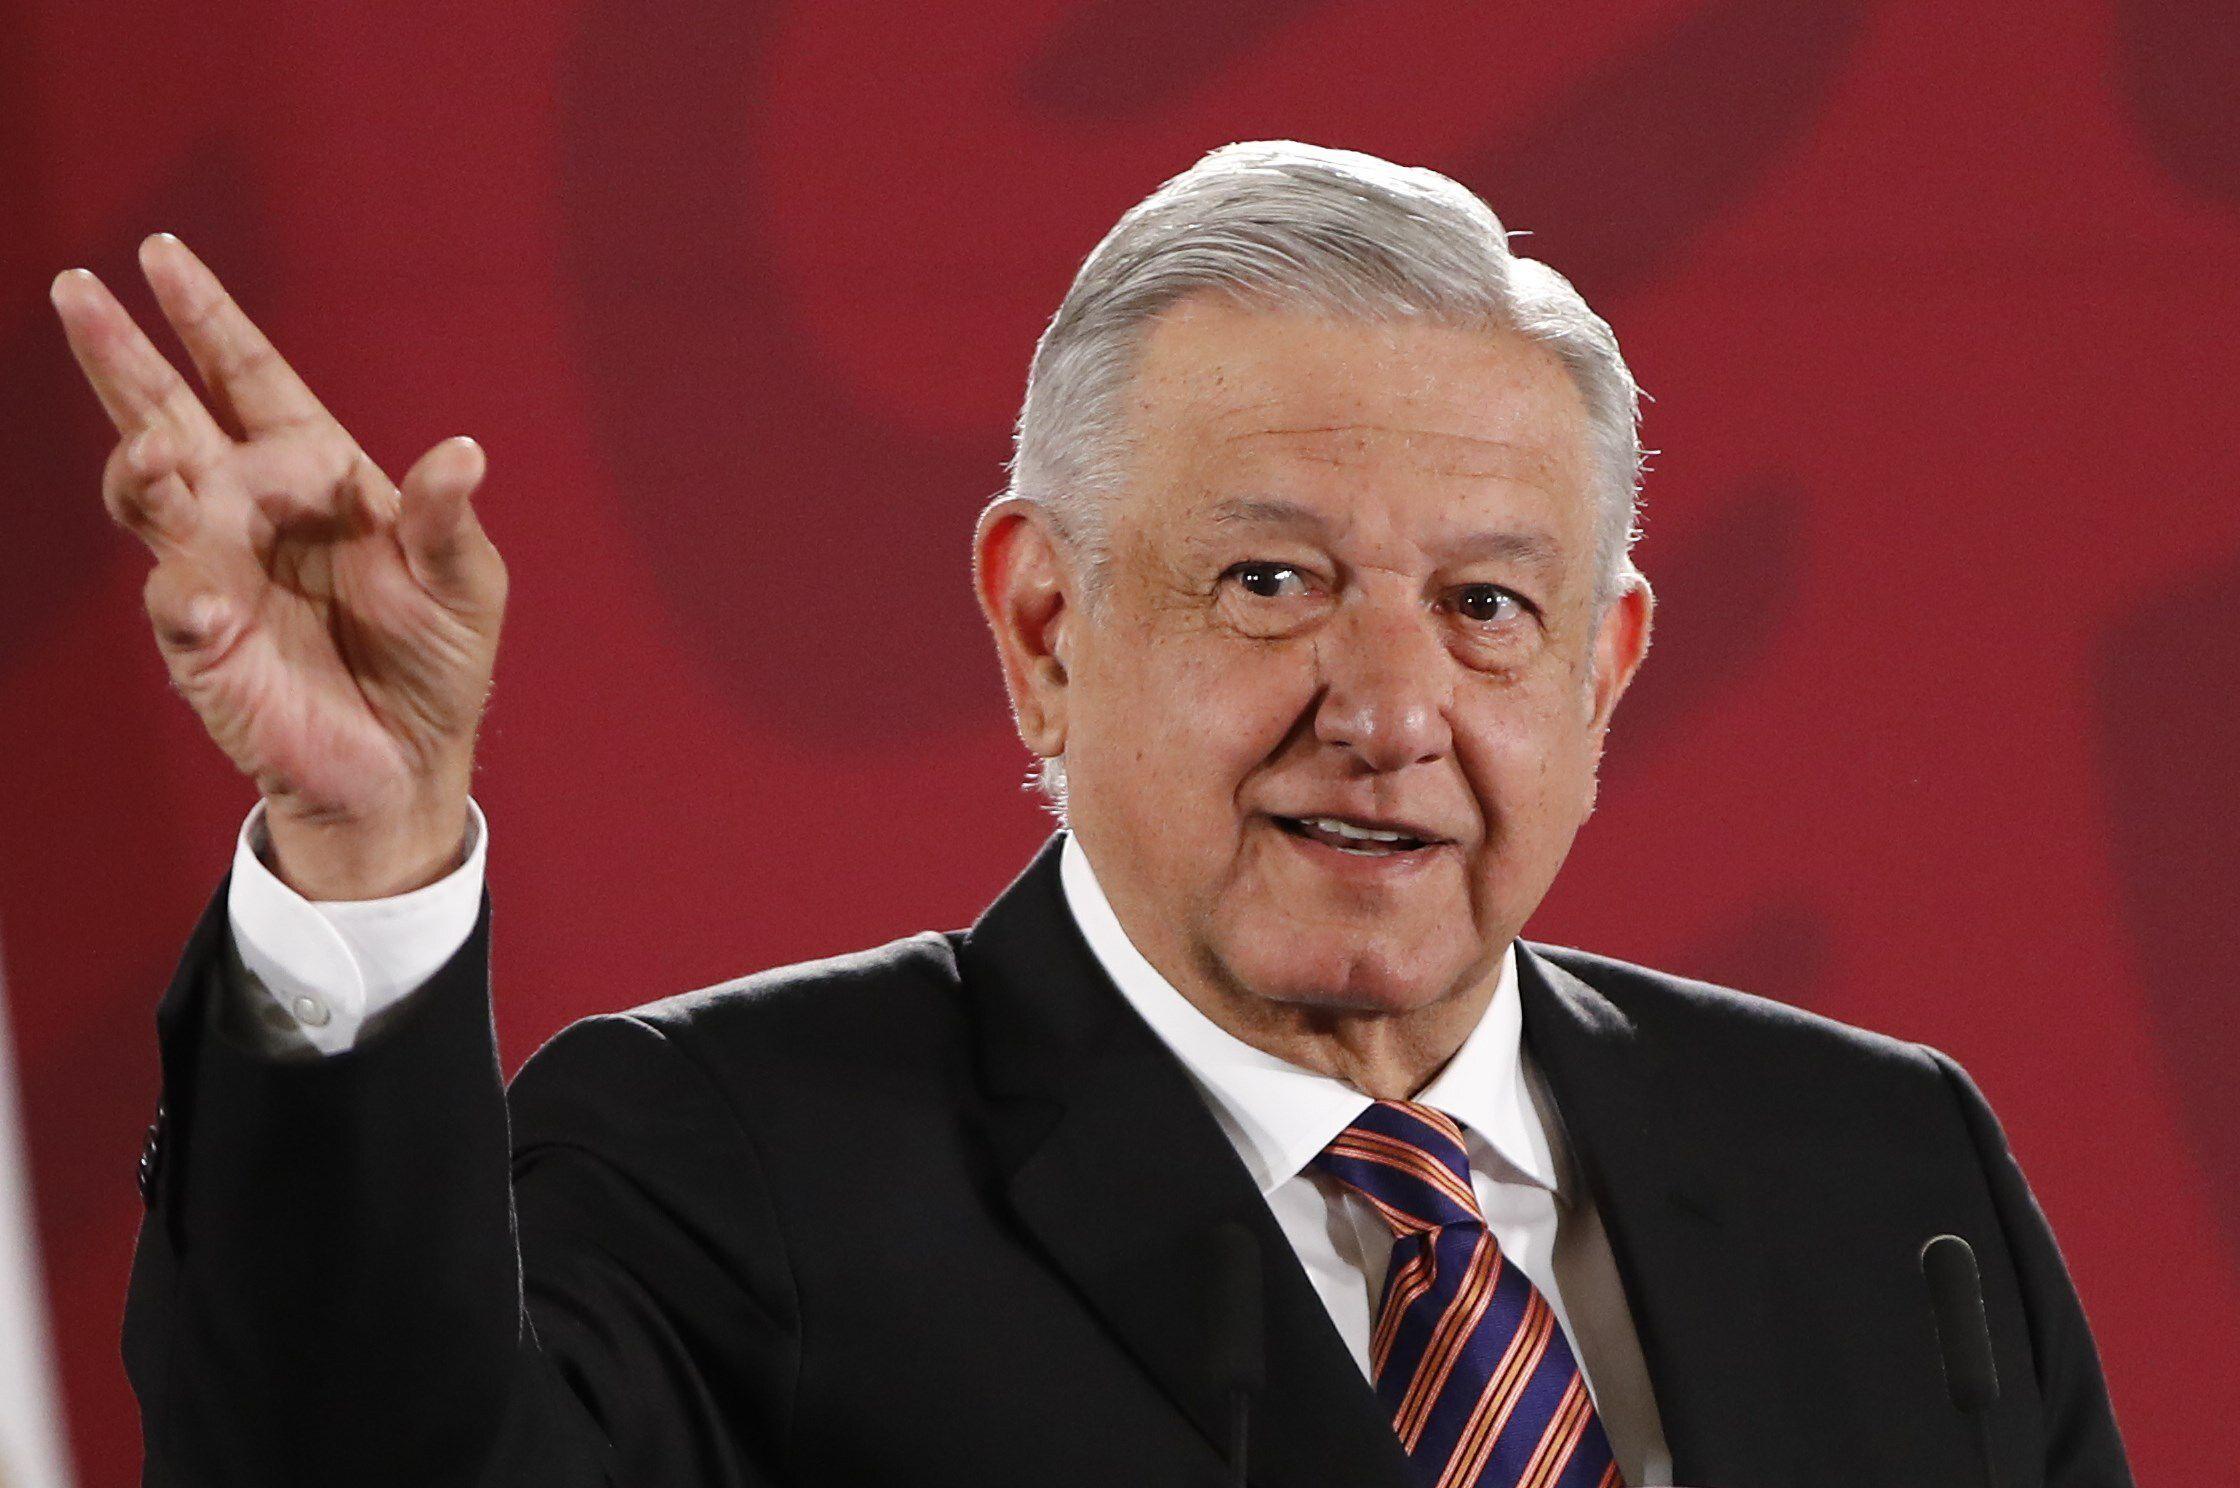 López Obrador constantemente comparte su vida privada con la sociedad mexicana (Foto: EFE/ José Méndez)